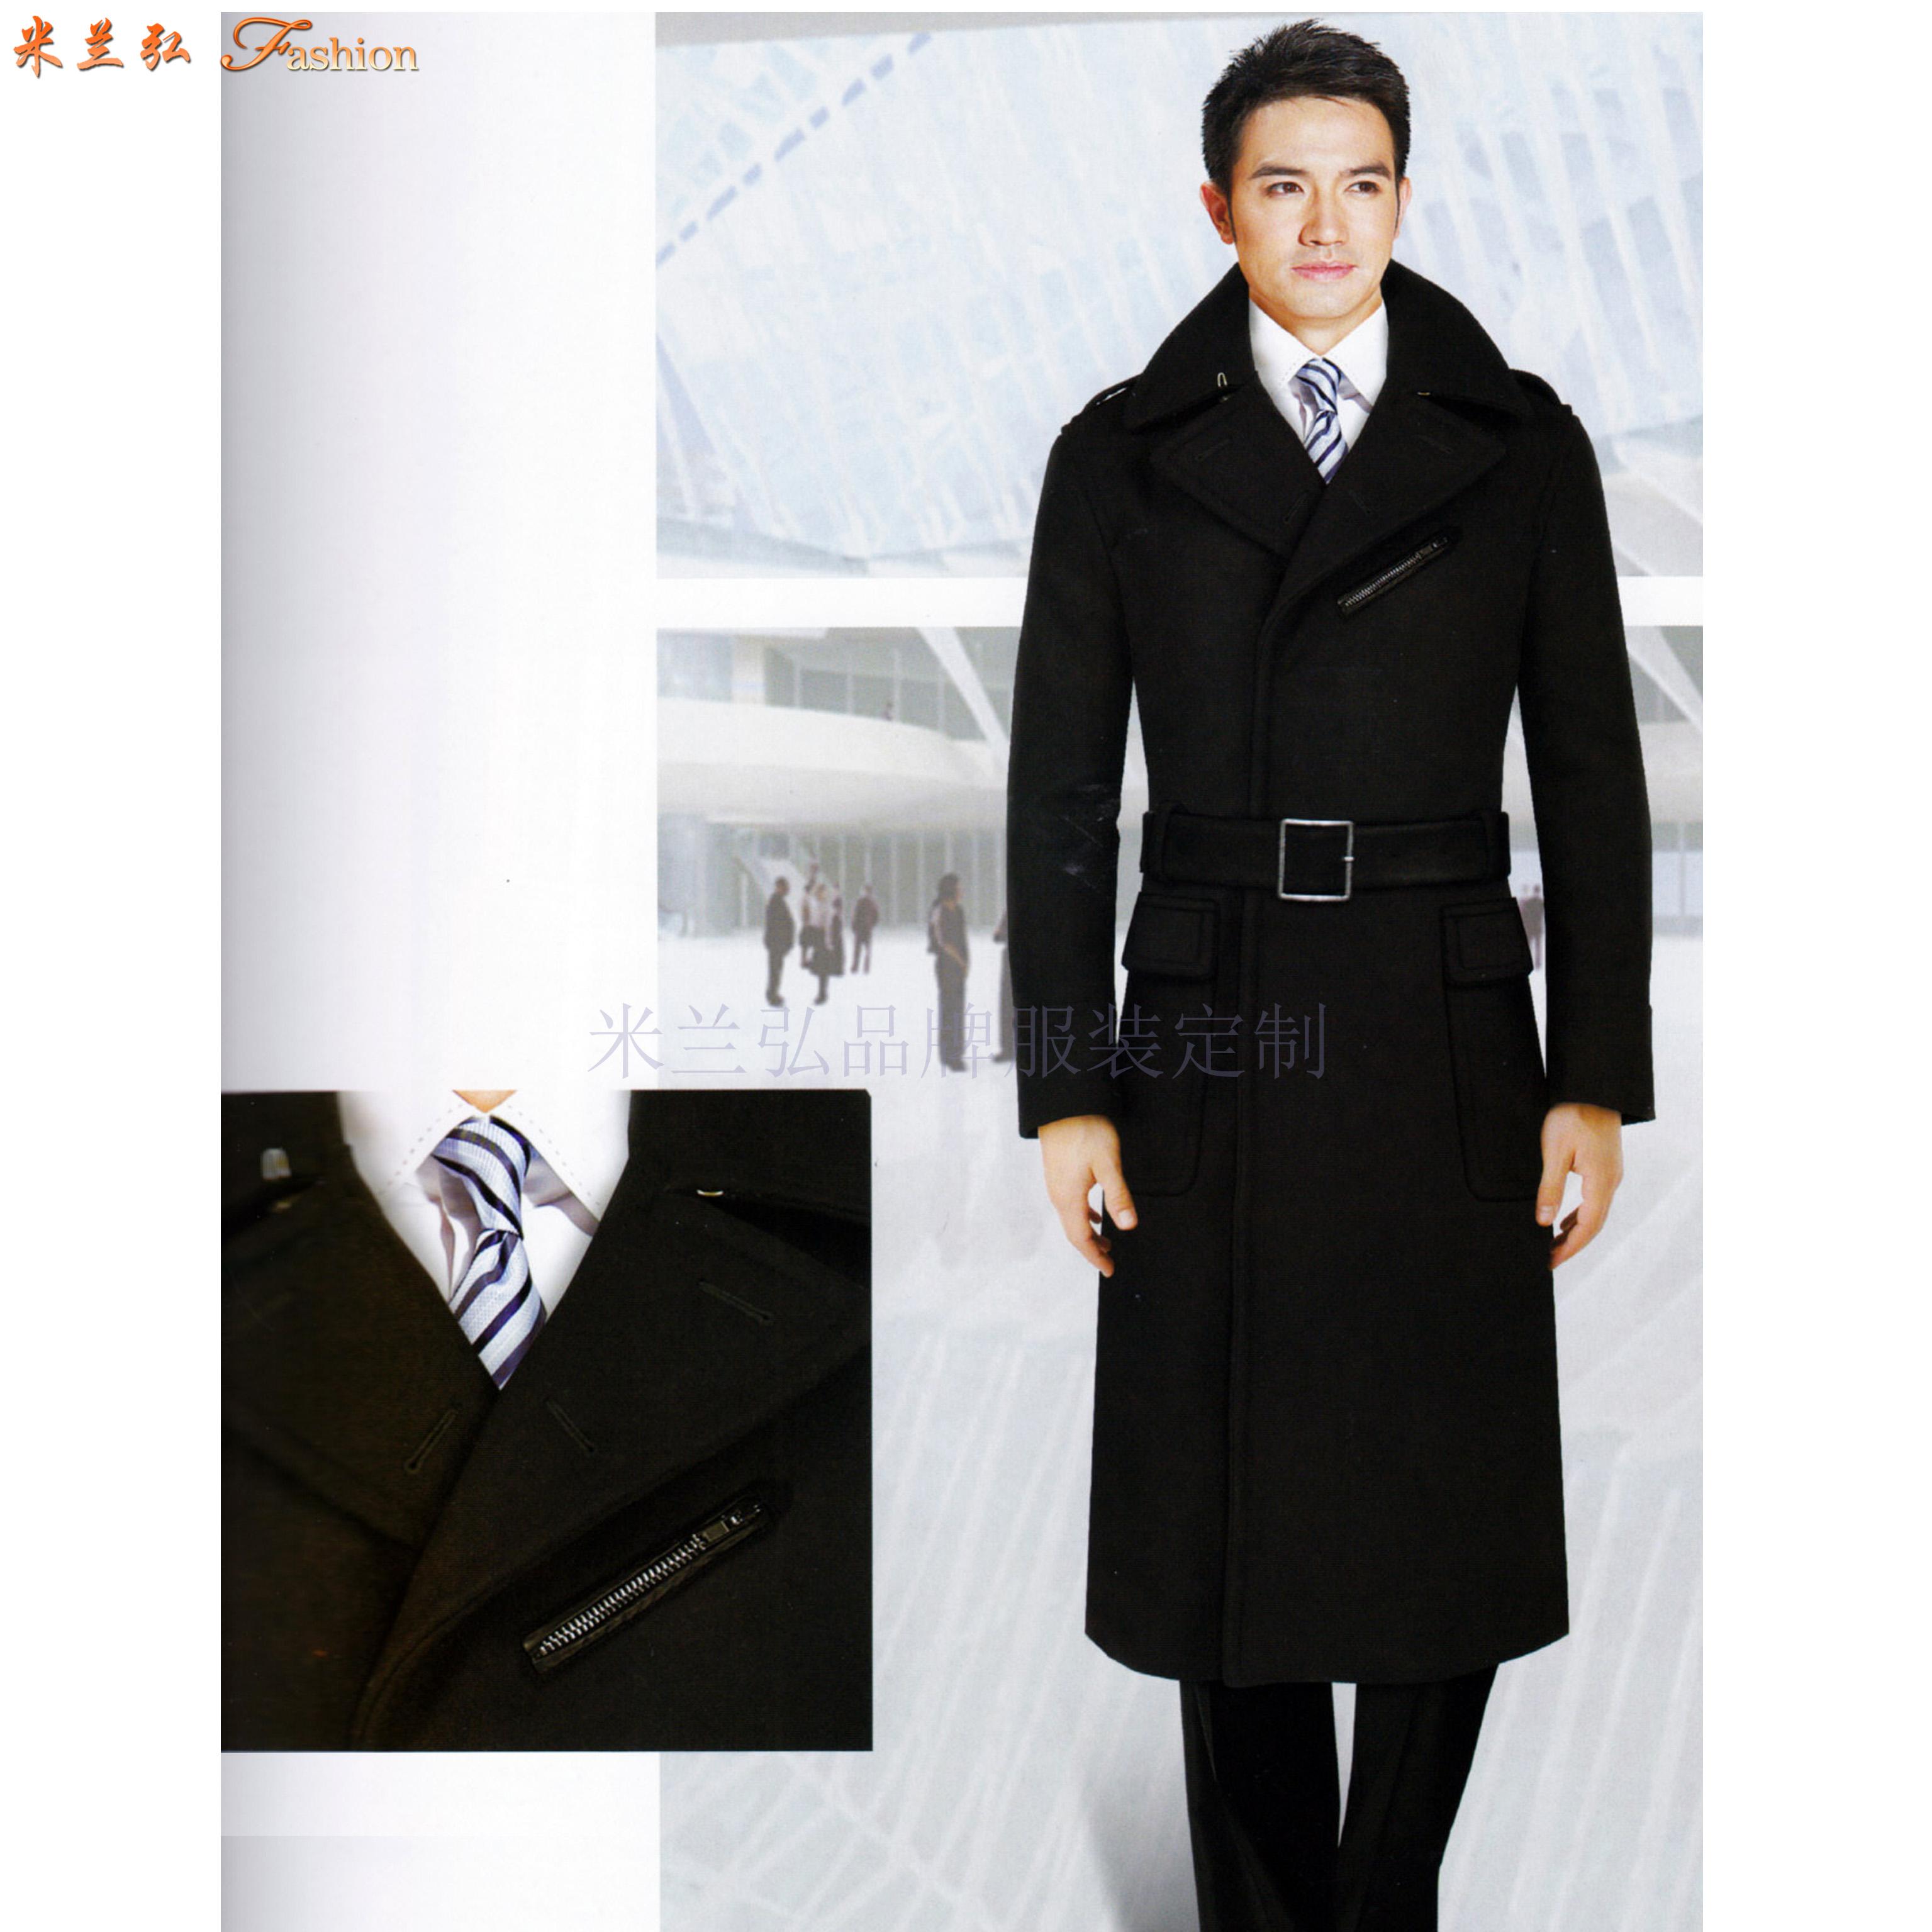 「渭南大衣定制」陜西保暖雙層大衣訂制-米蘭弘服裝-2